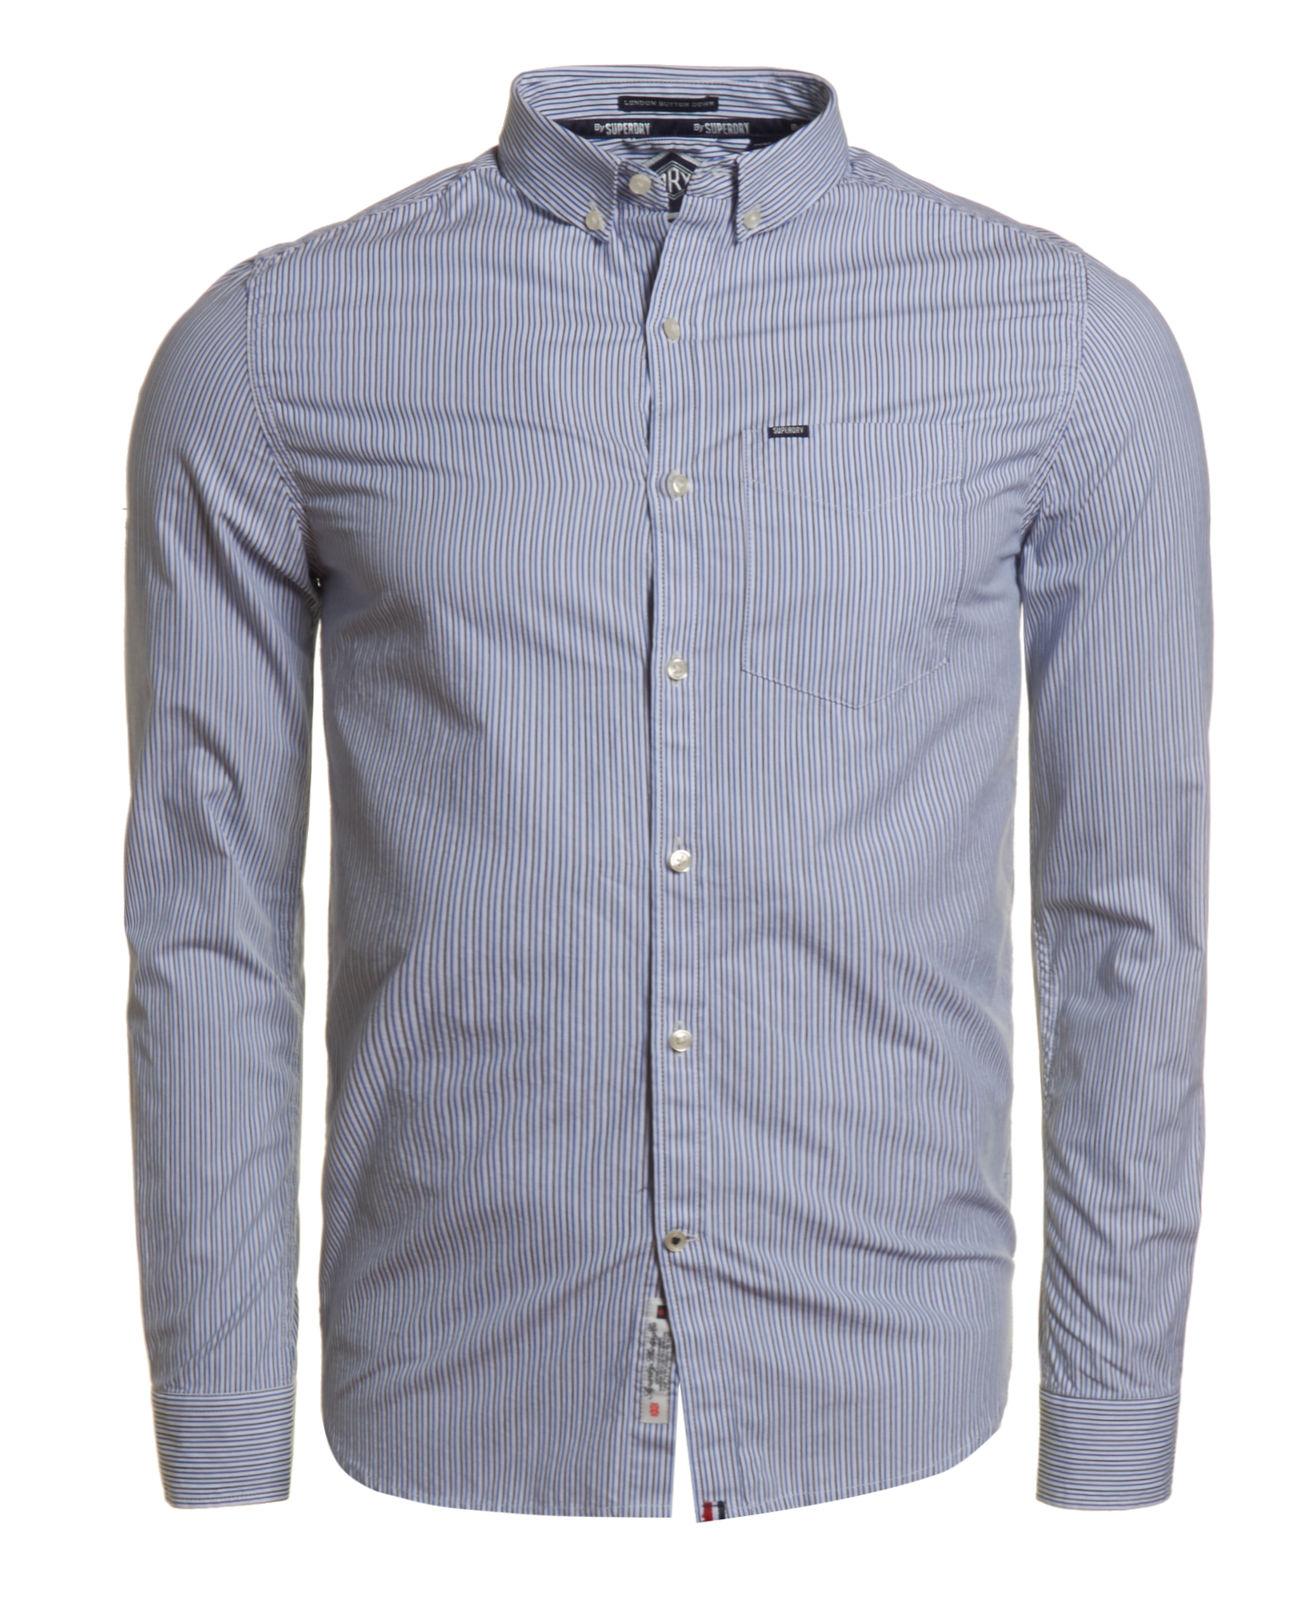 Superdry Hemden in vielen Ausführungen und Größen *UPDATE*